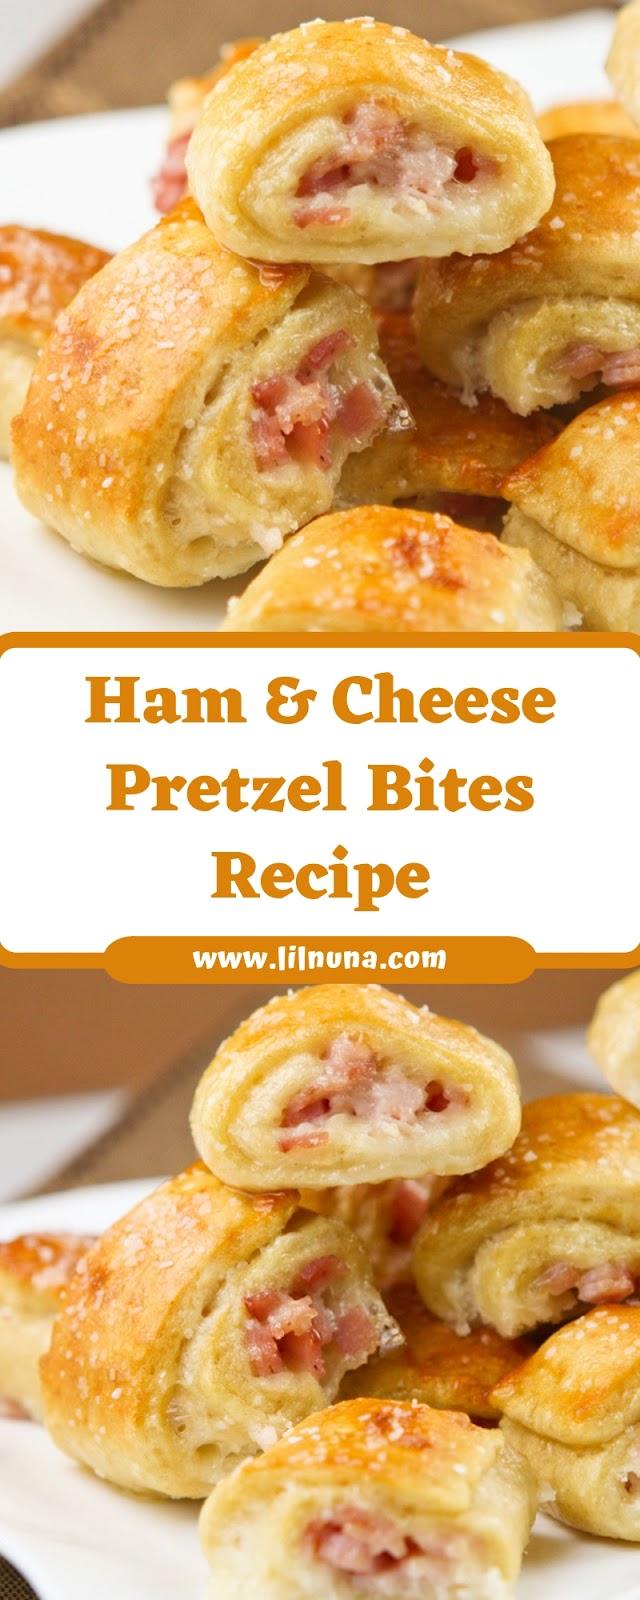 Ham & Cheese Pretzel Bites Recipe